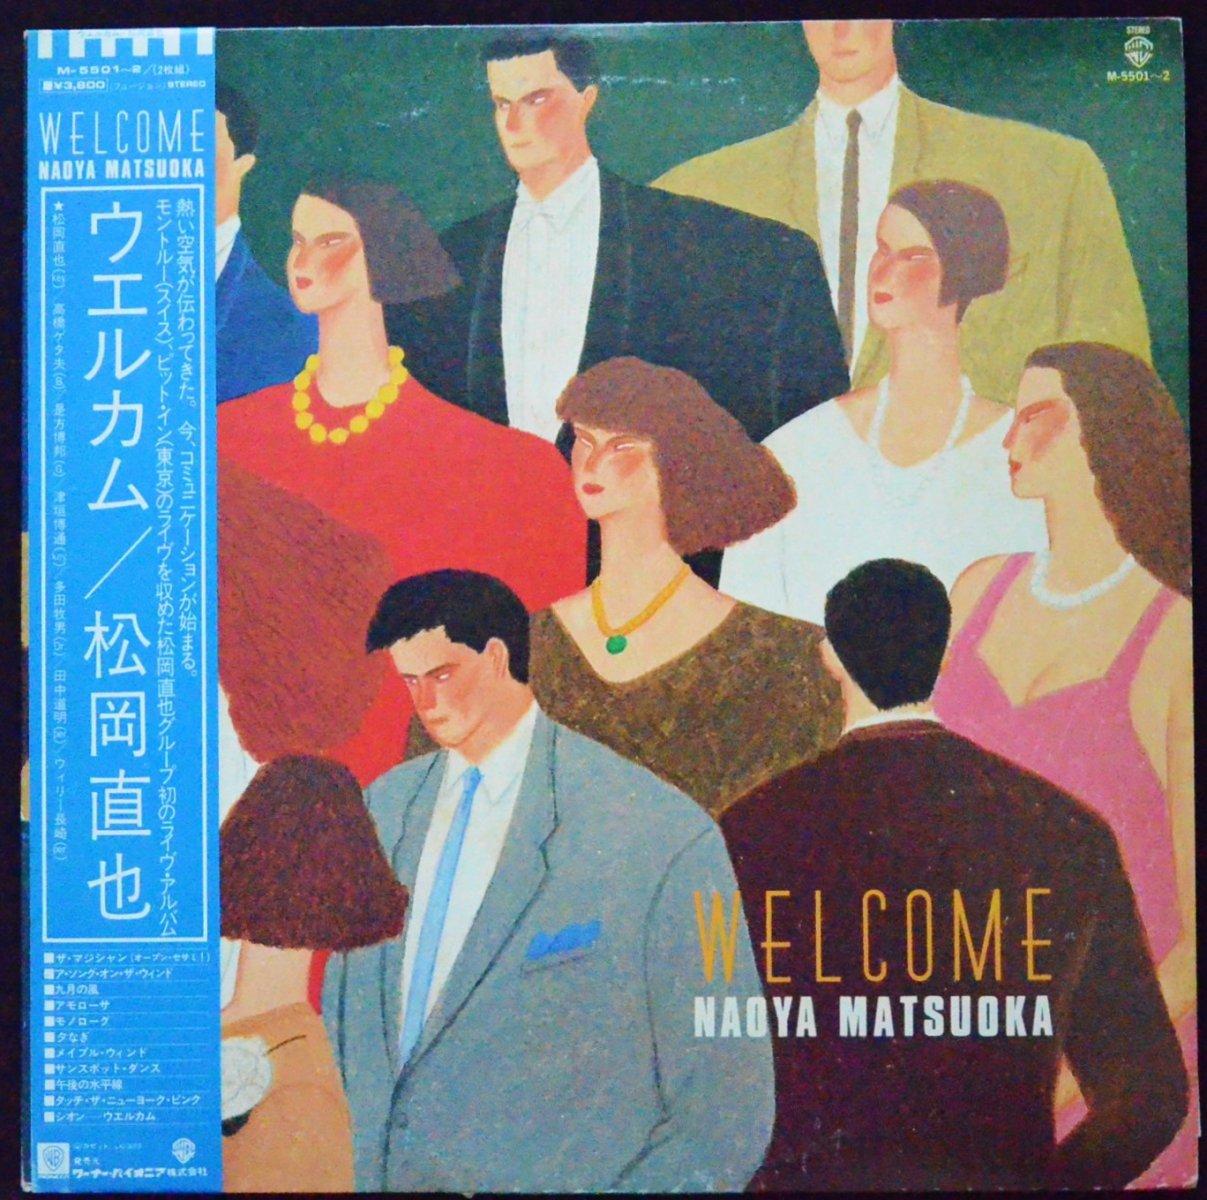 松岡直也 NAOYA MATSUOKA / ウエルカム WELCOME (2LP)